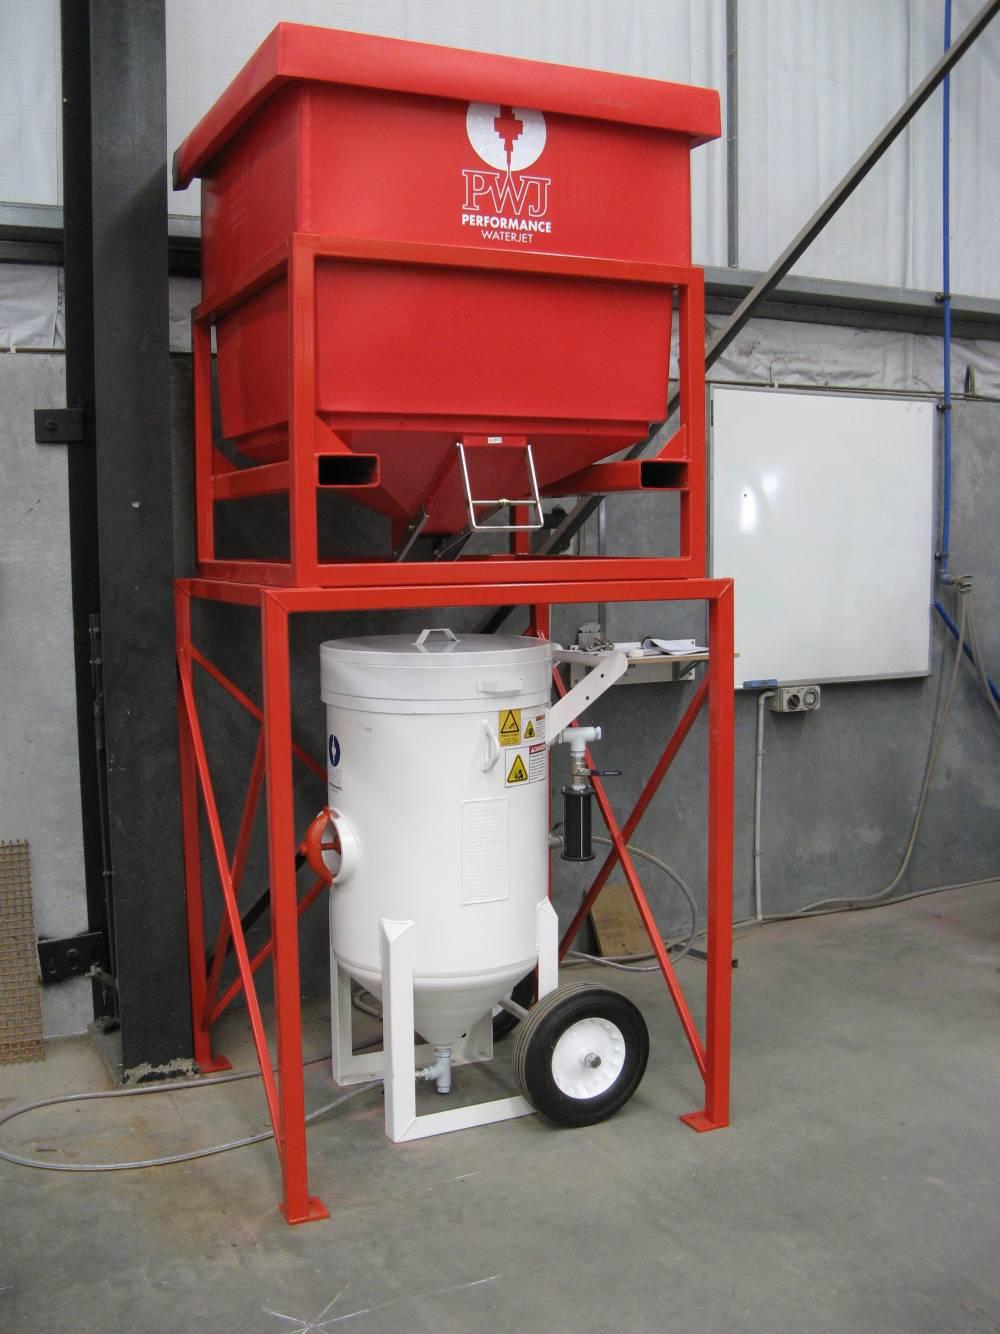 Abrasive Loading Hoppers Performance Waterjet Pwj